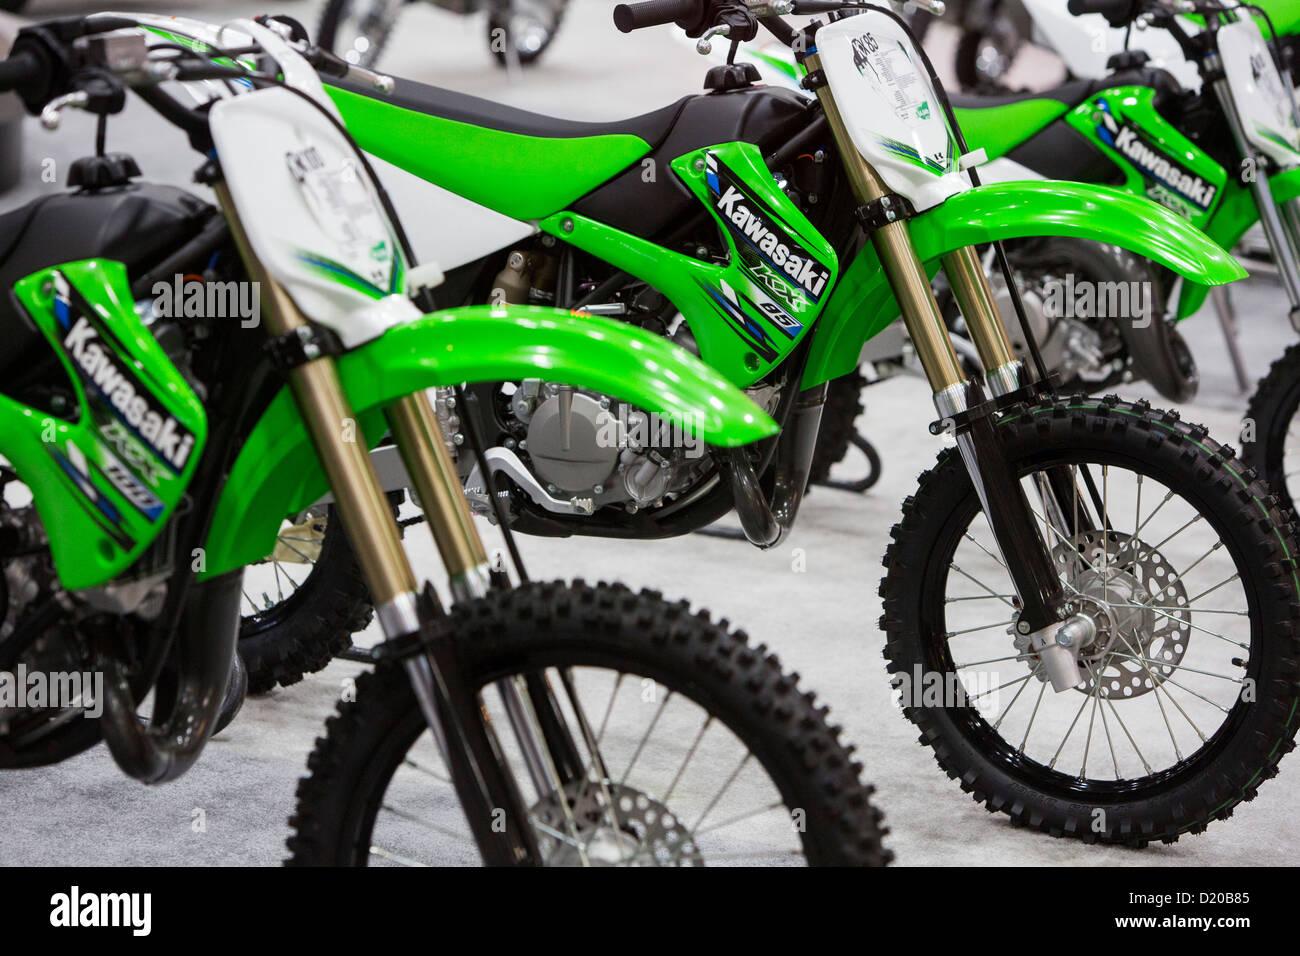 Kawasaki motorcycles on display at the Washington Motorcycle Show. - Stock Image